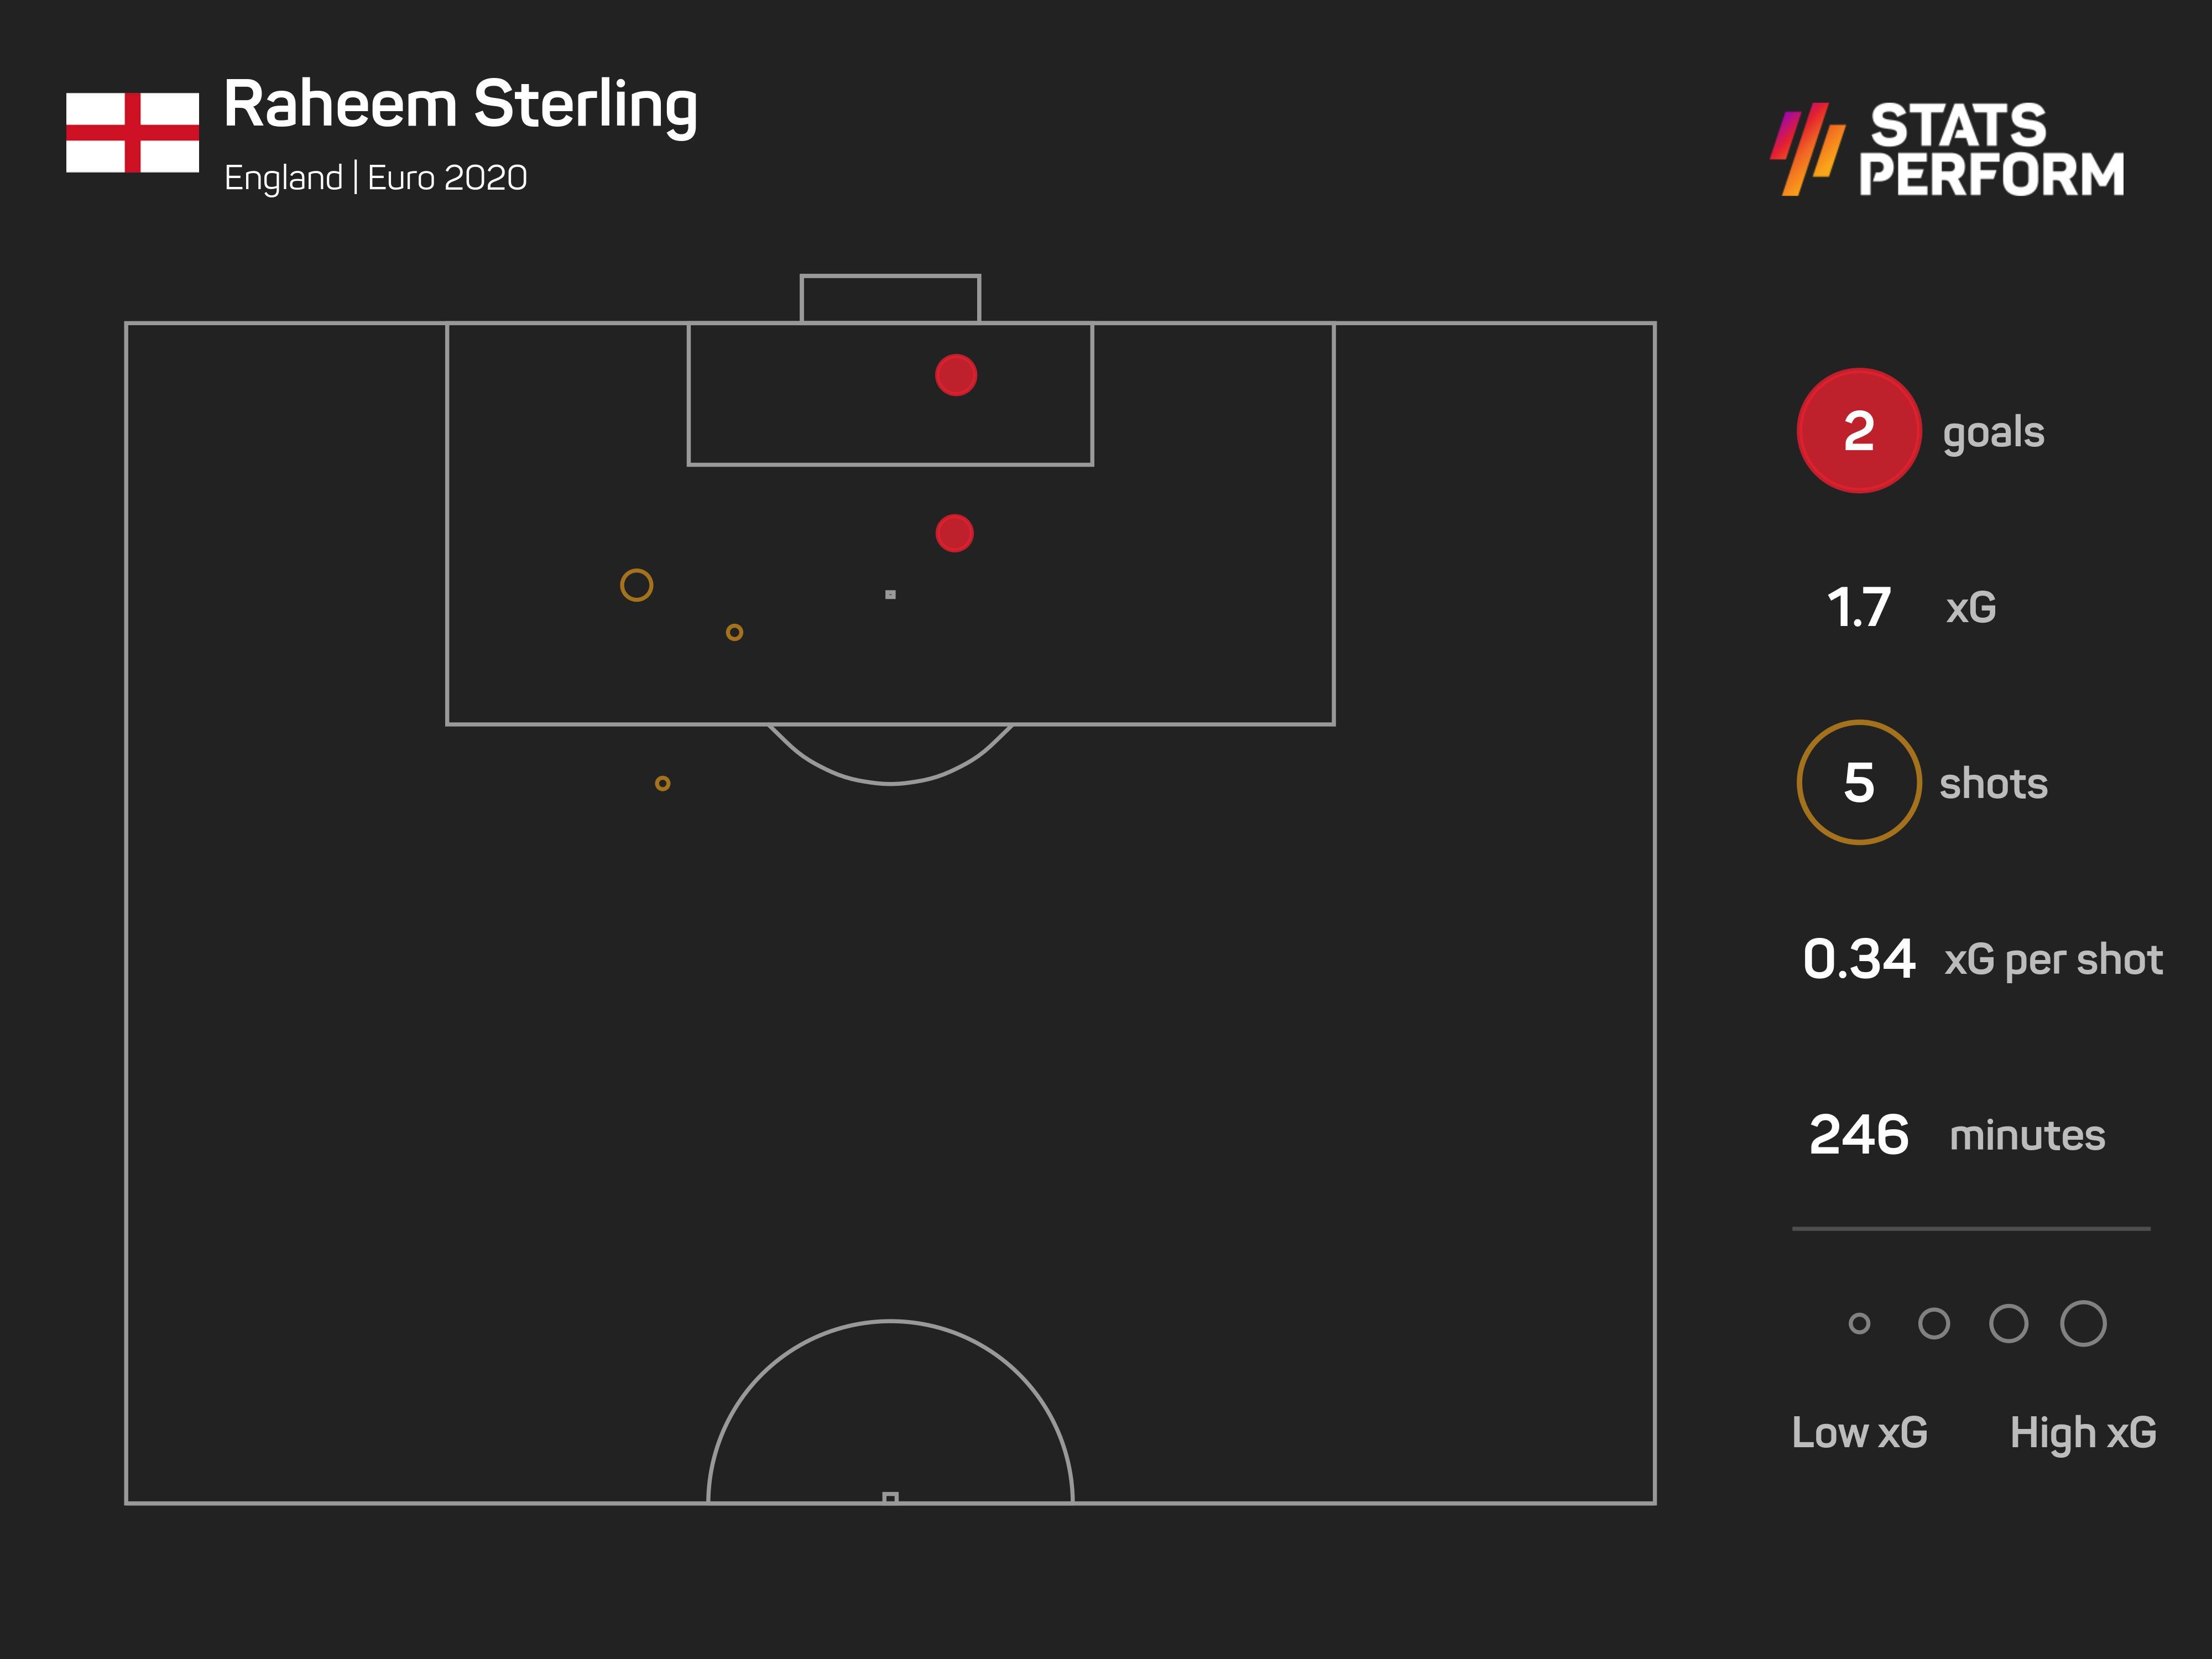 Raheem Sterling Euro 2020 xG